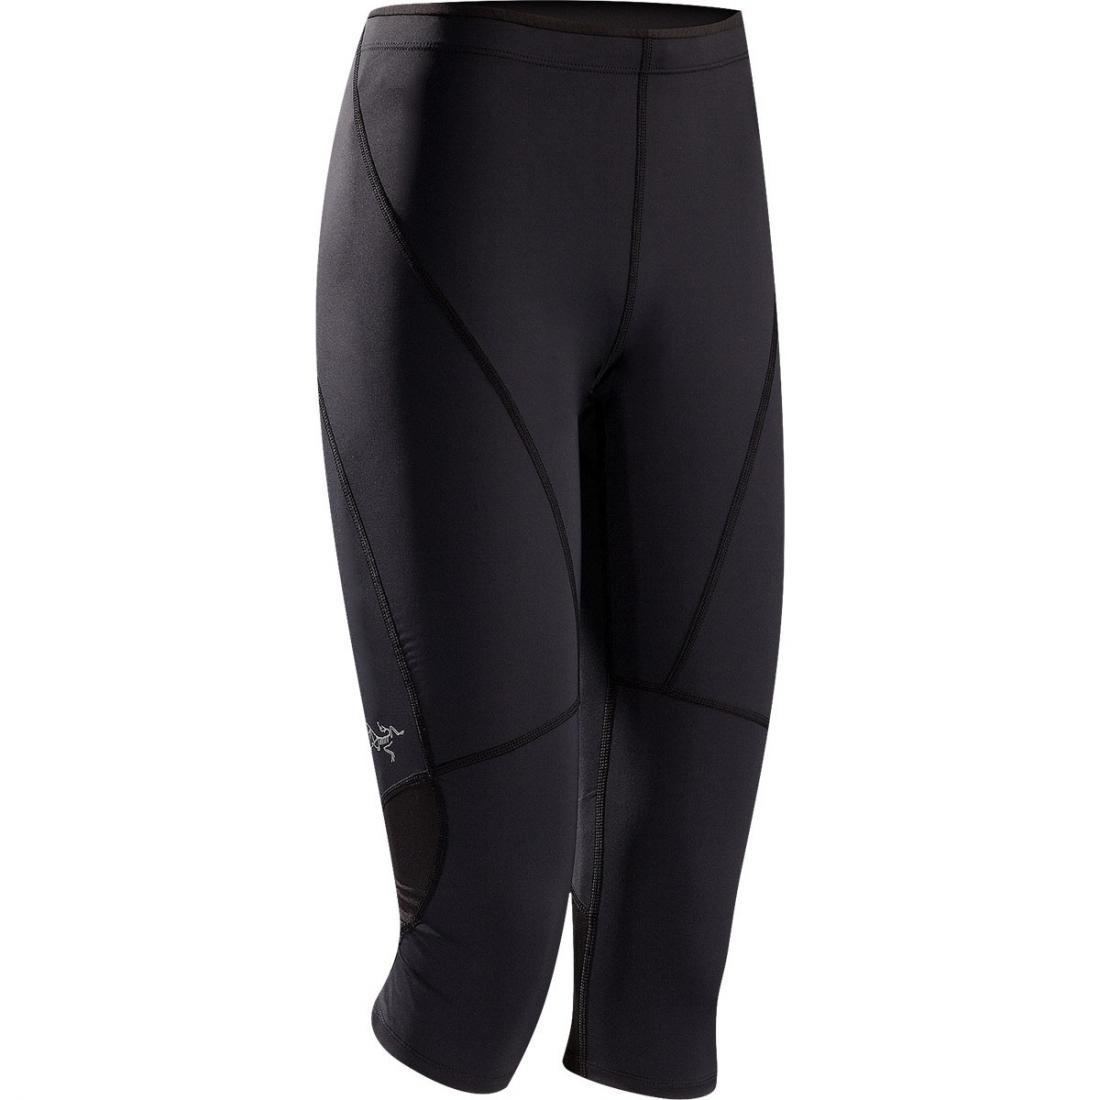 Брюки Cita 3/4 Tight жен.Брюки, штаны<br>ХАРАКТЕРИСТИКА <br><br> Отлично дышащие и исключительно эффективно отводящие влагу с поверхности тела облегающие брюки для бега. <br><br><br> &lt;b...<br><br>Цвет: Черный<br>Размер: XS